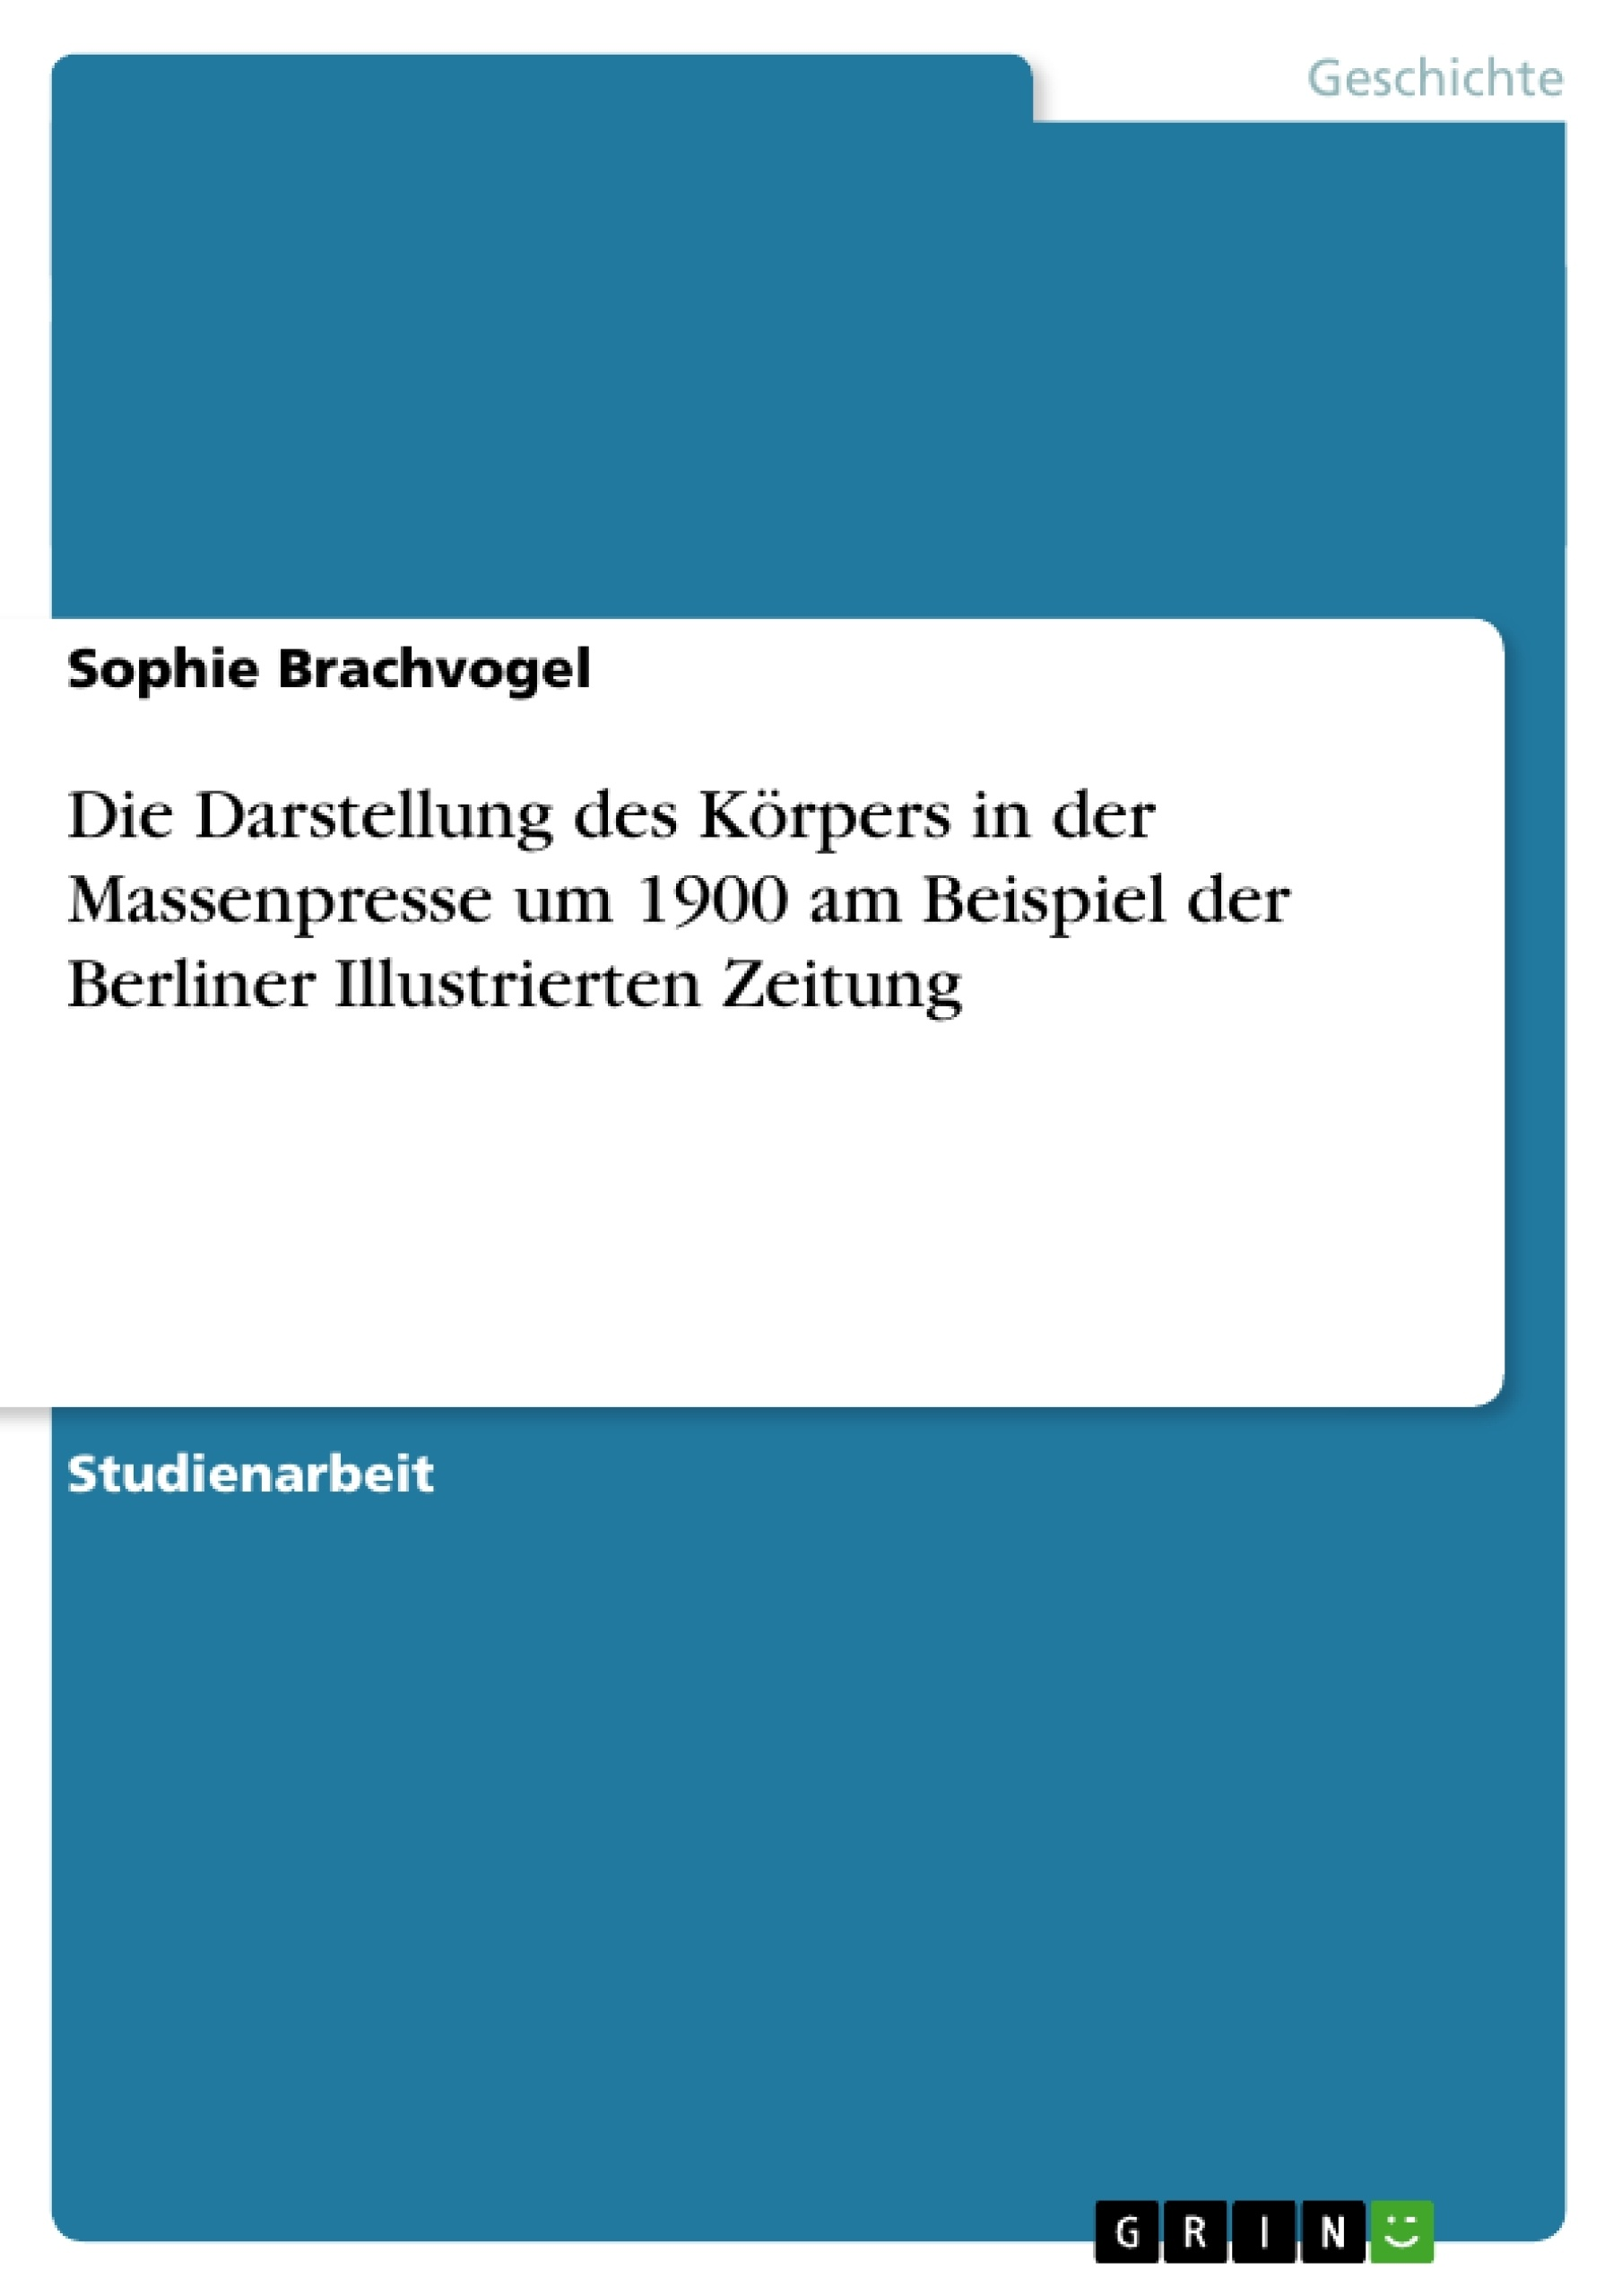 Titel: Die Darstellung des Körpers in der Massenpresse um 1900 am Beispiel der Berliner Illustrierten Zeitung